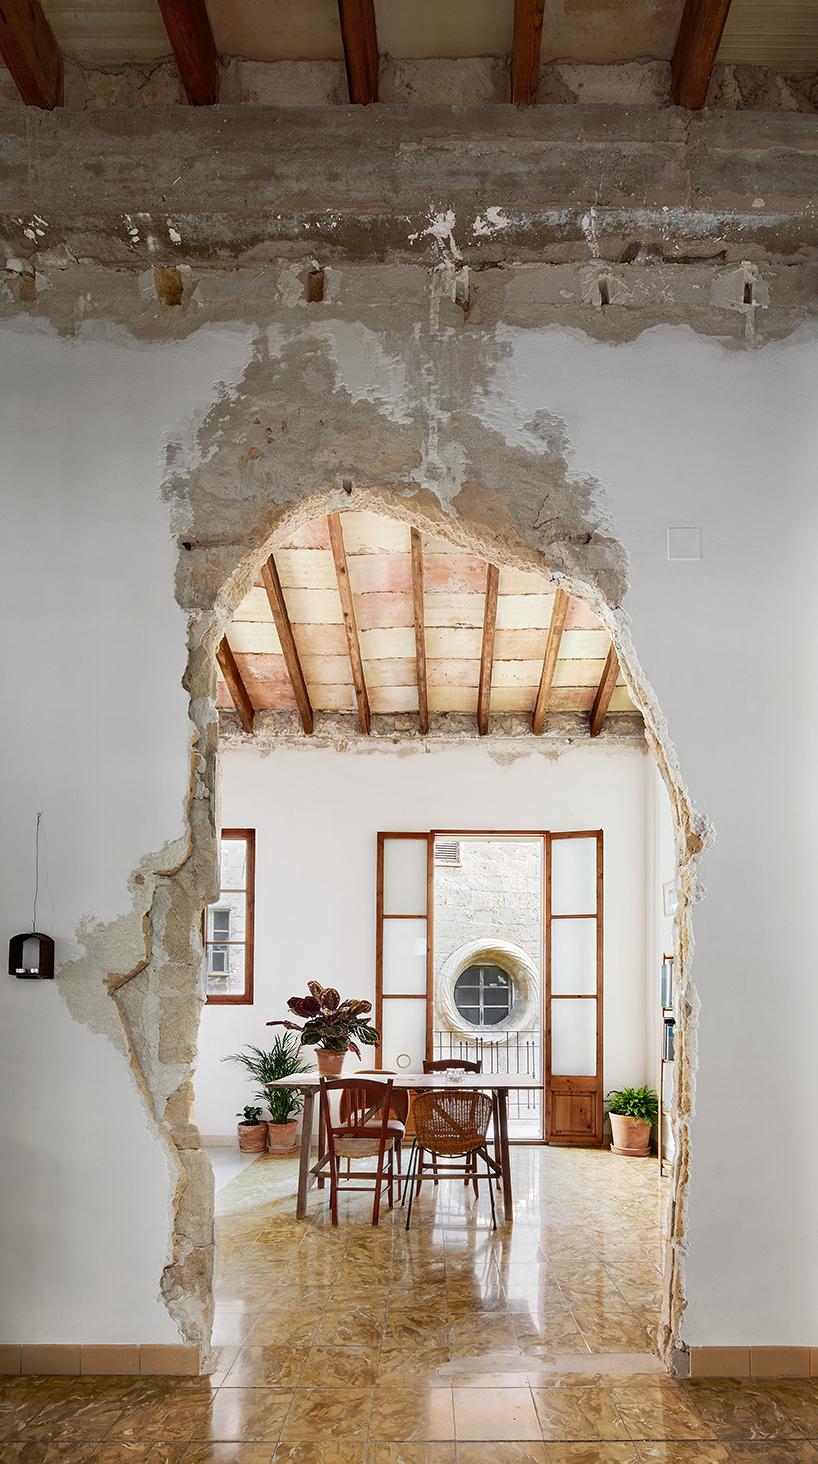 sant-miquel-carles-oliver-designboom-1.jpg